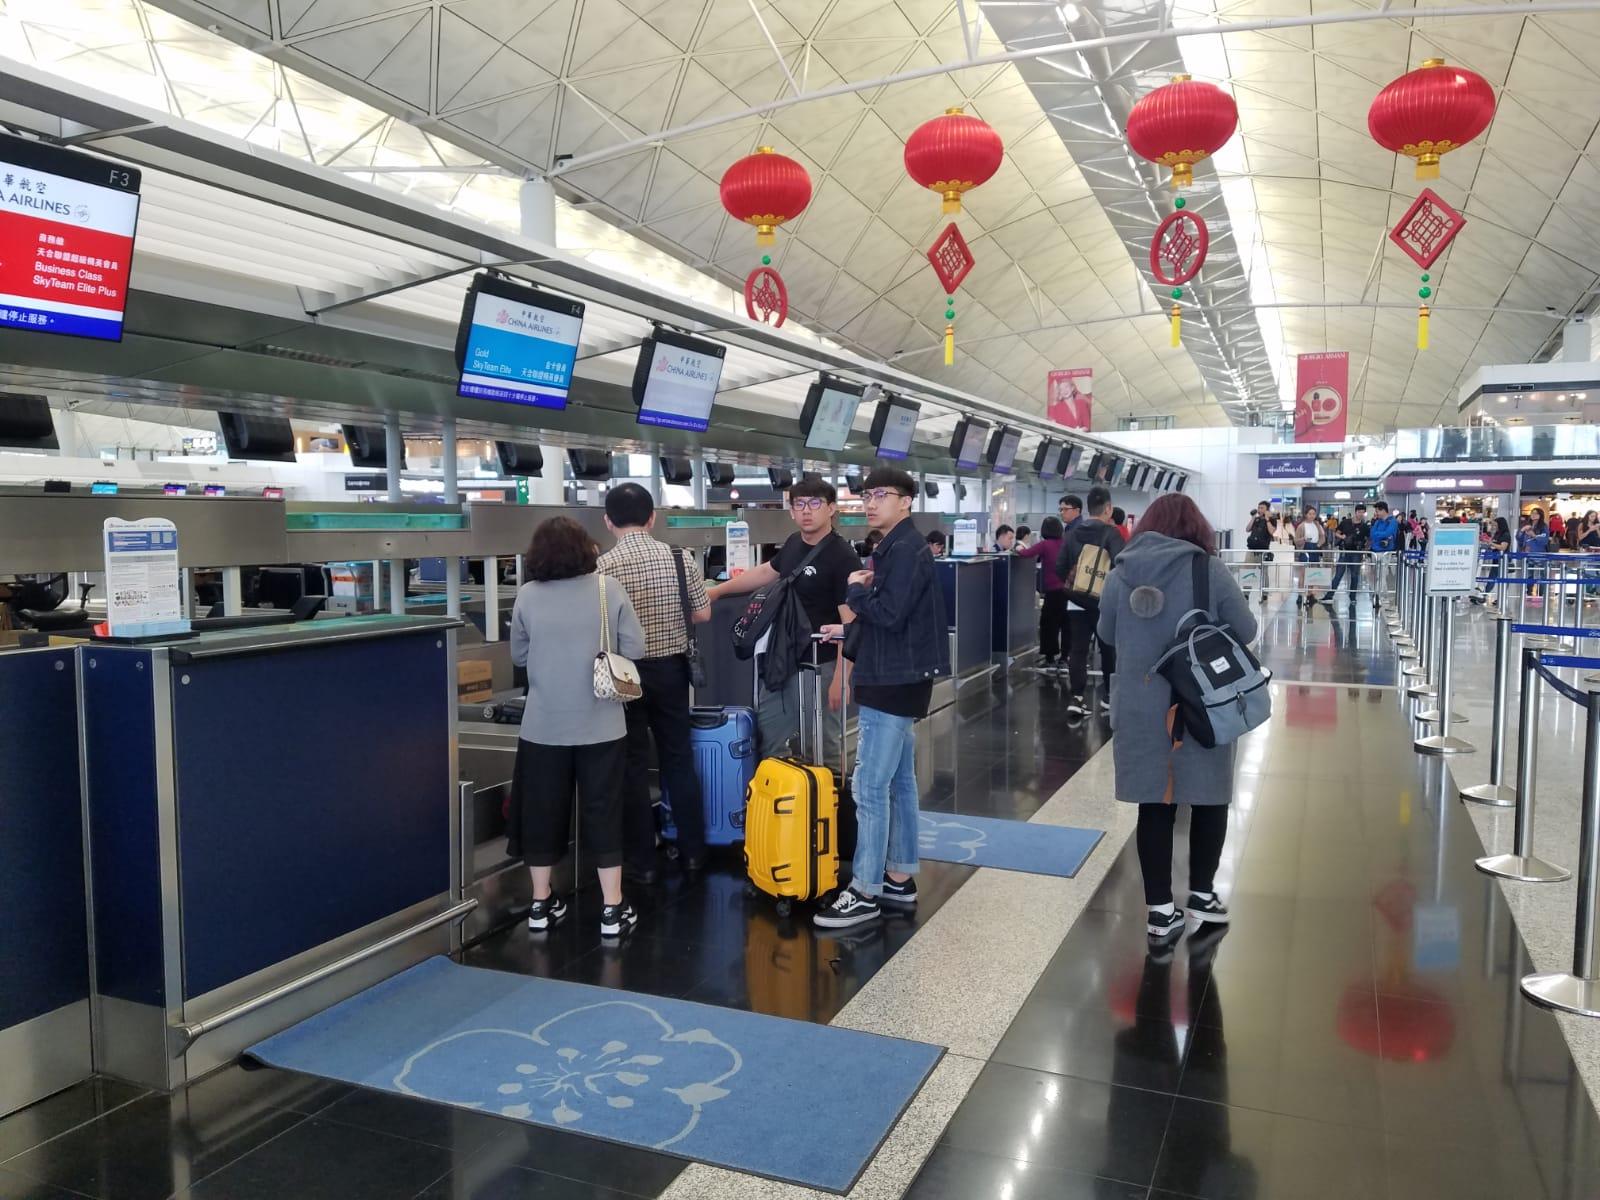 華航今日取消至少28班國際及兩岸航線的航班。林思明攝